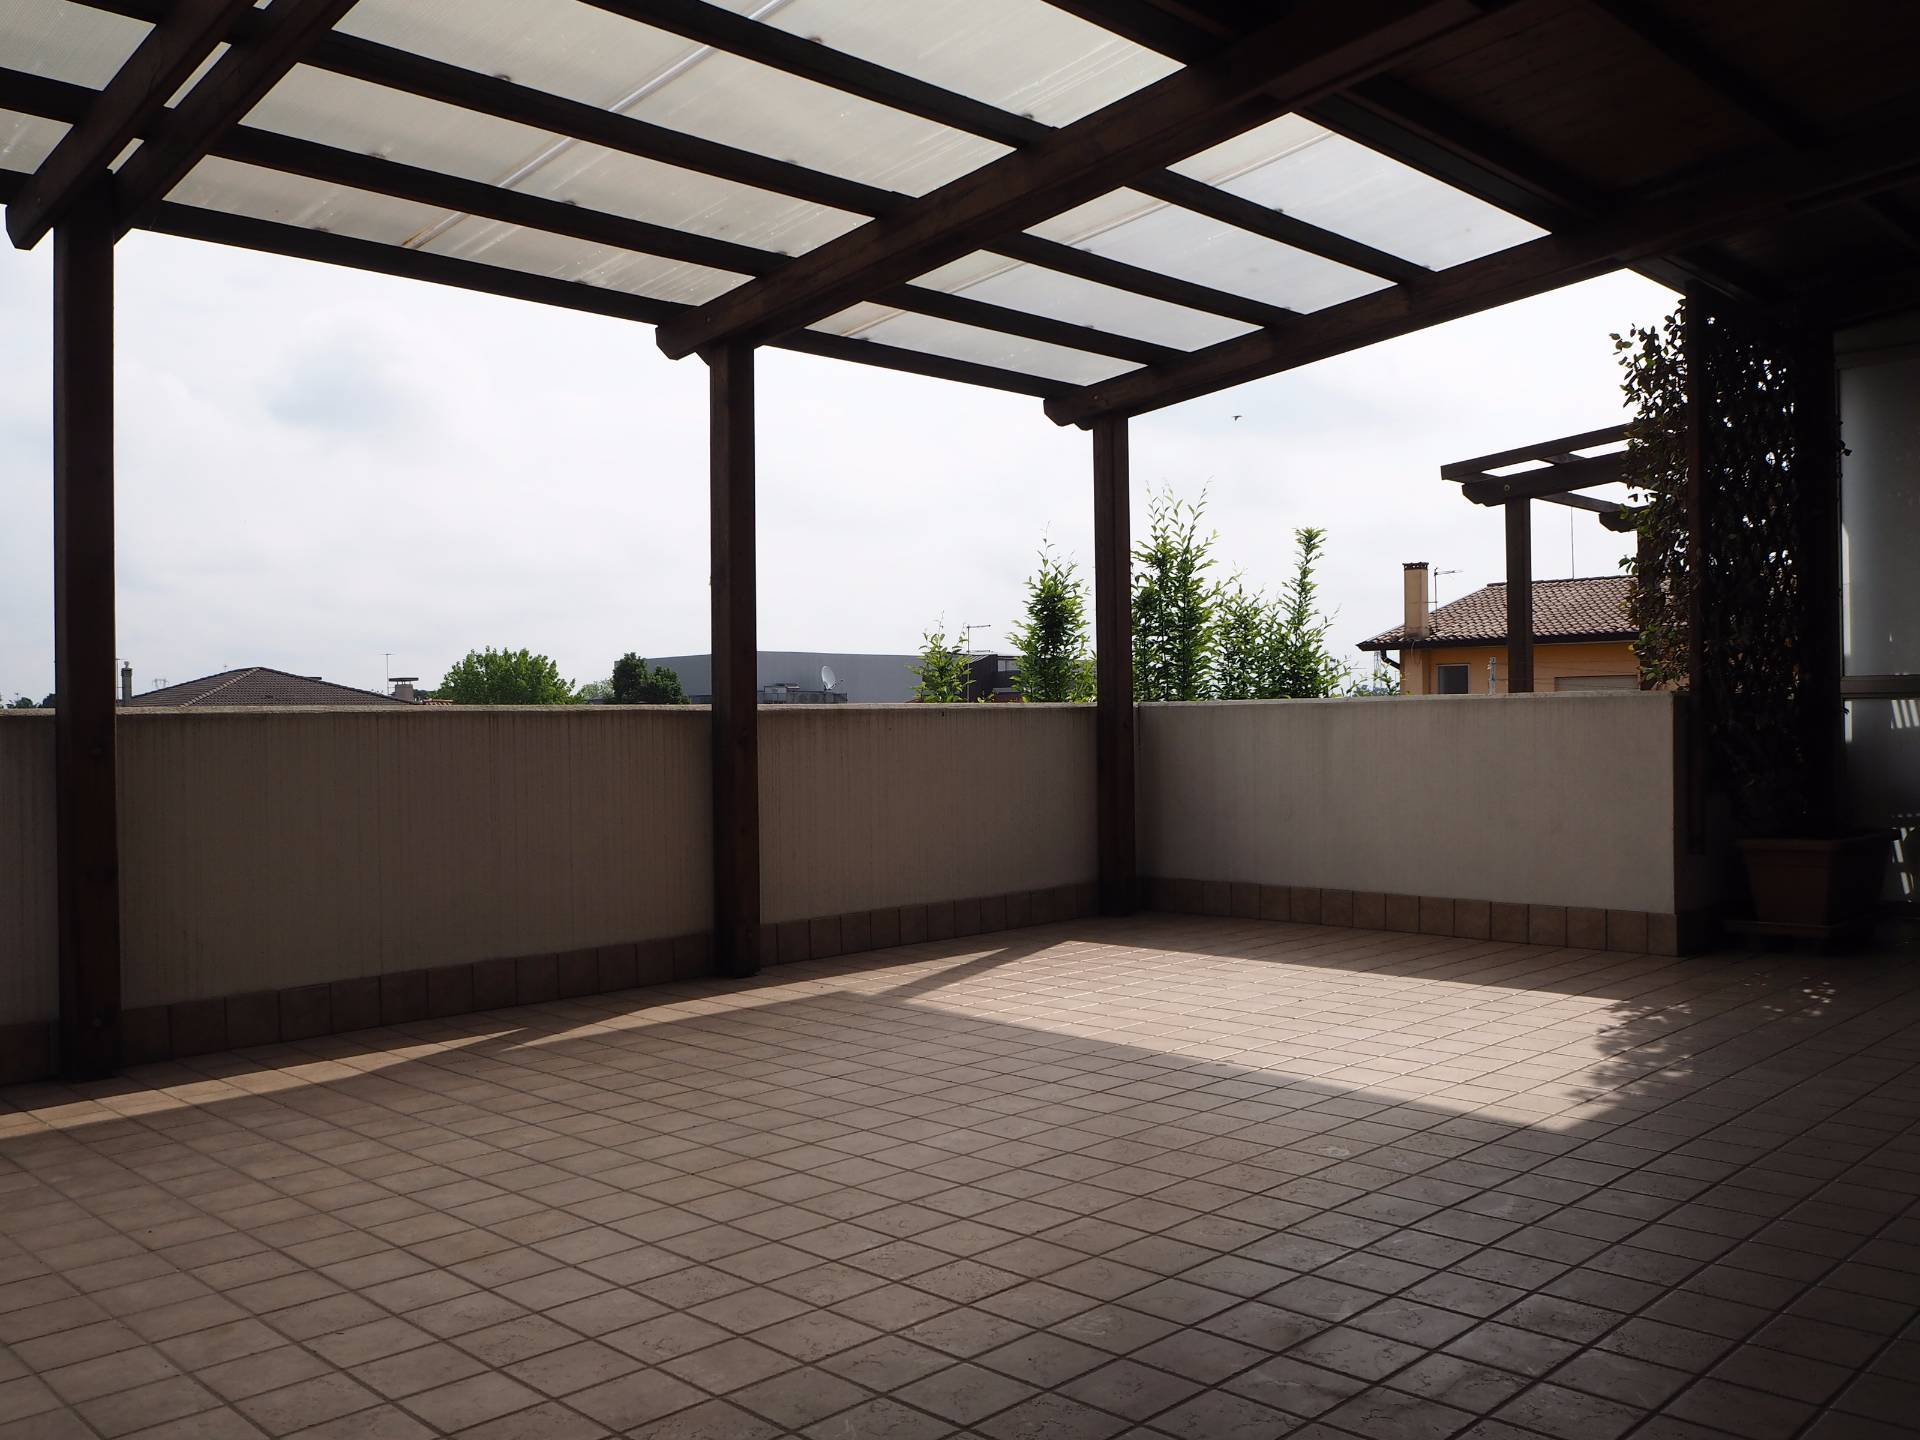 Appartamento in vendita a Paese, 5 locali, zona Località: Centro, prezzo € 250.000 | Cambio Casa.it